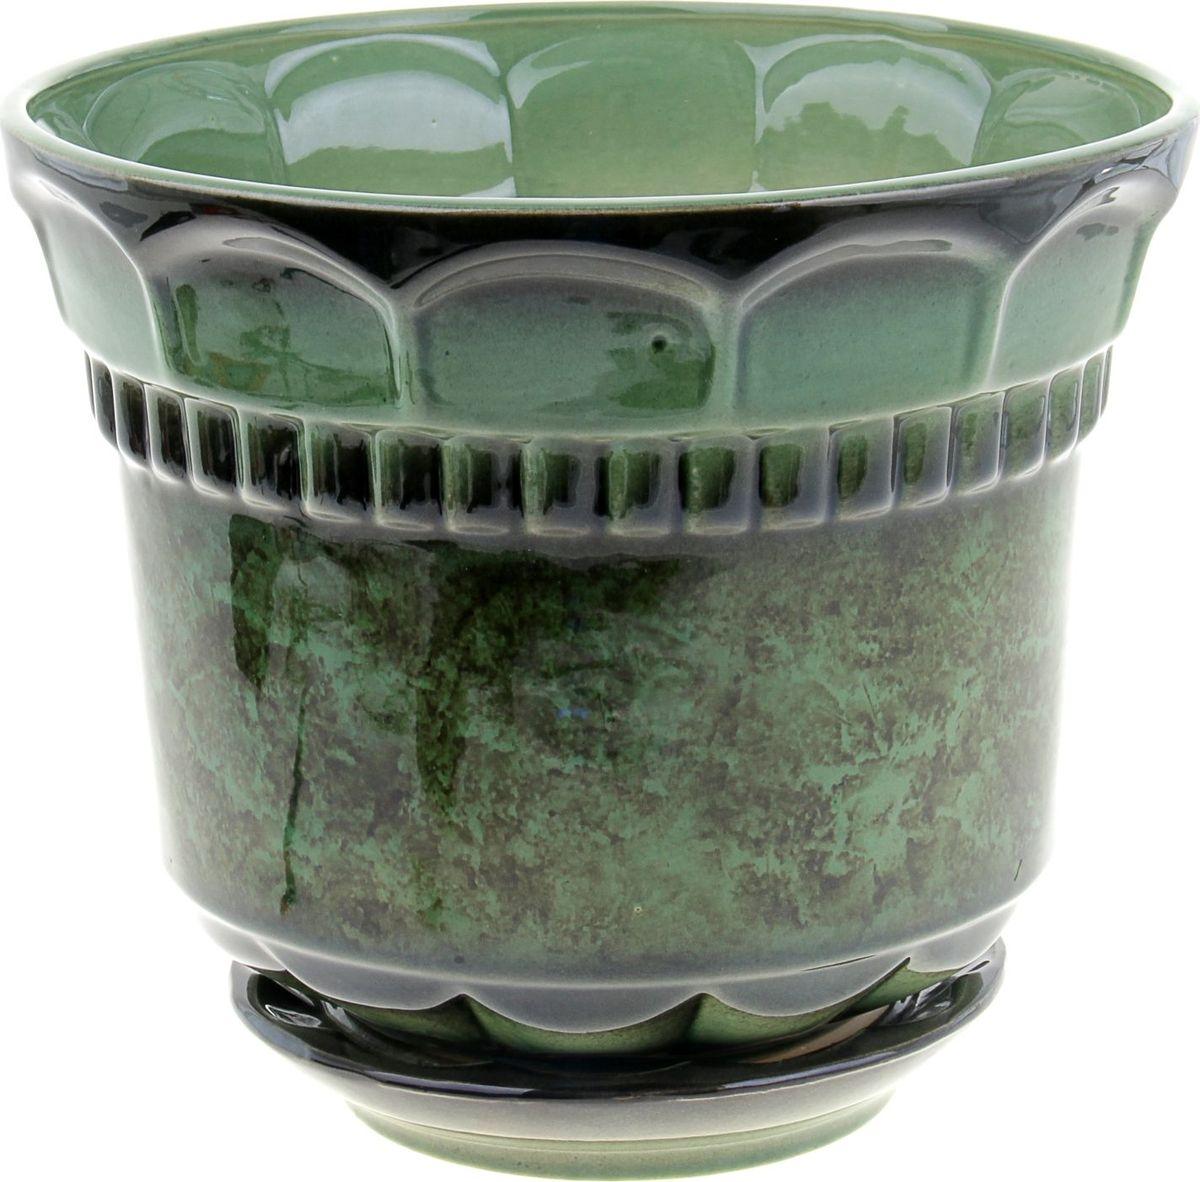 Кашпо Фиеста, цвет: зеленый, 10 л840523Комнатные растения — всеобщие любимцы. Они радуют глаз, насыщают помещение кислородом и украшают пространство. Каждому из них необходим свой удобный и красивый дом. Кашпо из керамики прекрасно подходят для высадки растений: за счет пластичности глины и разных способов обработки существует великое множество форм и дизайнов пористый материал позволяет испаряться лишней влаге воздух, необходимый для дыхания корней, проникает сквозь керамические стенки! позаботится о зеленом питомце, освежит интерьер и подчеркнет его стиль.